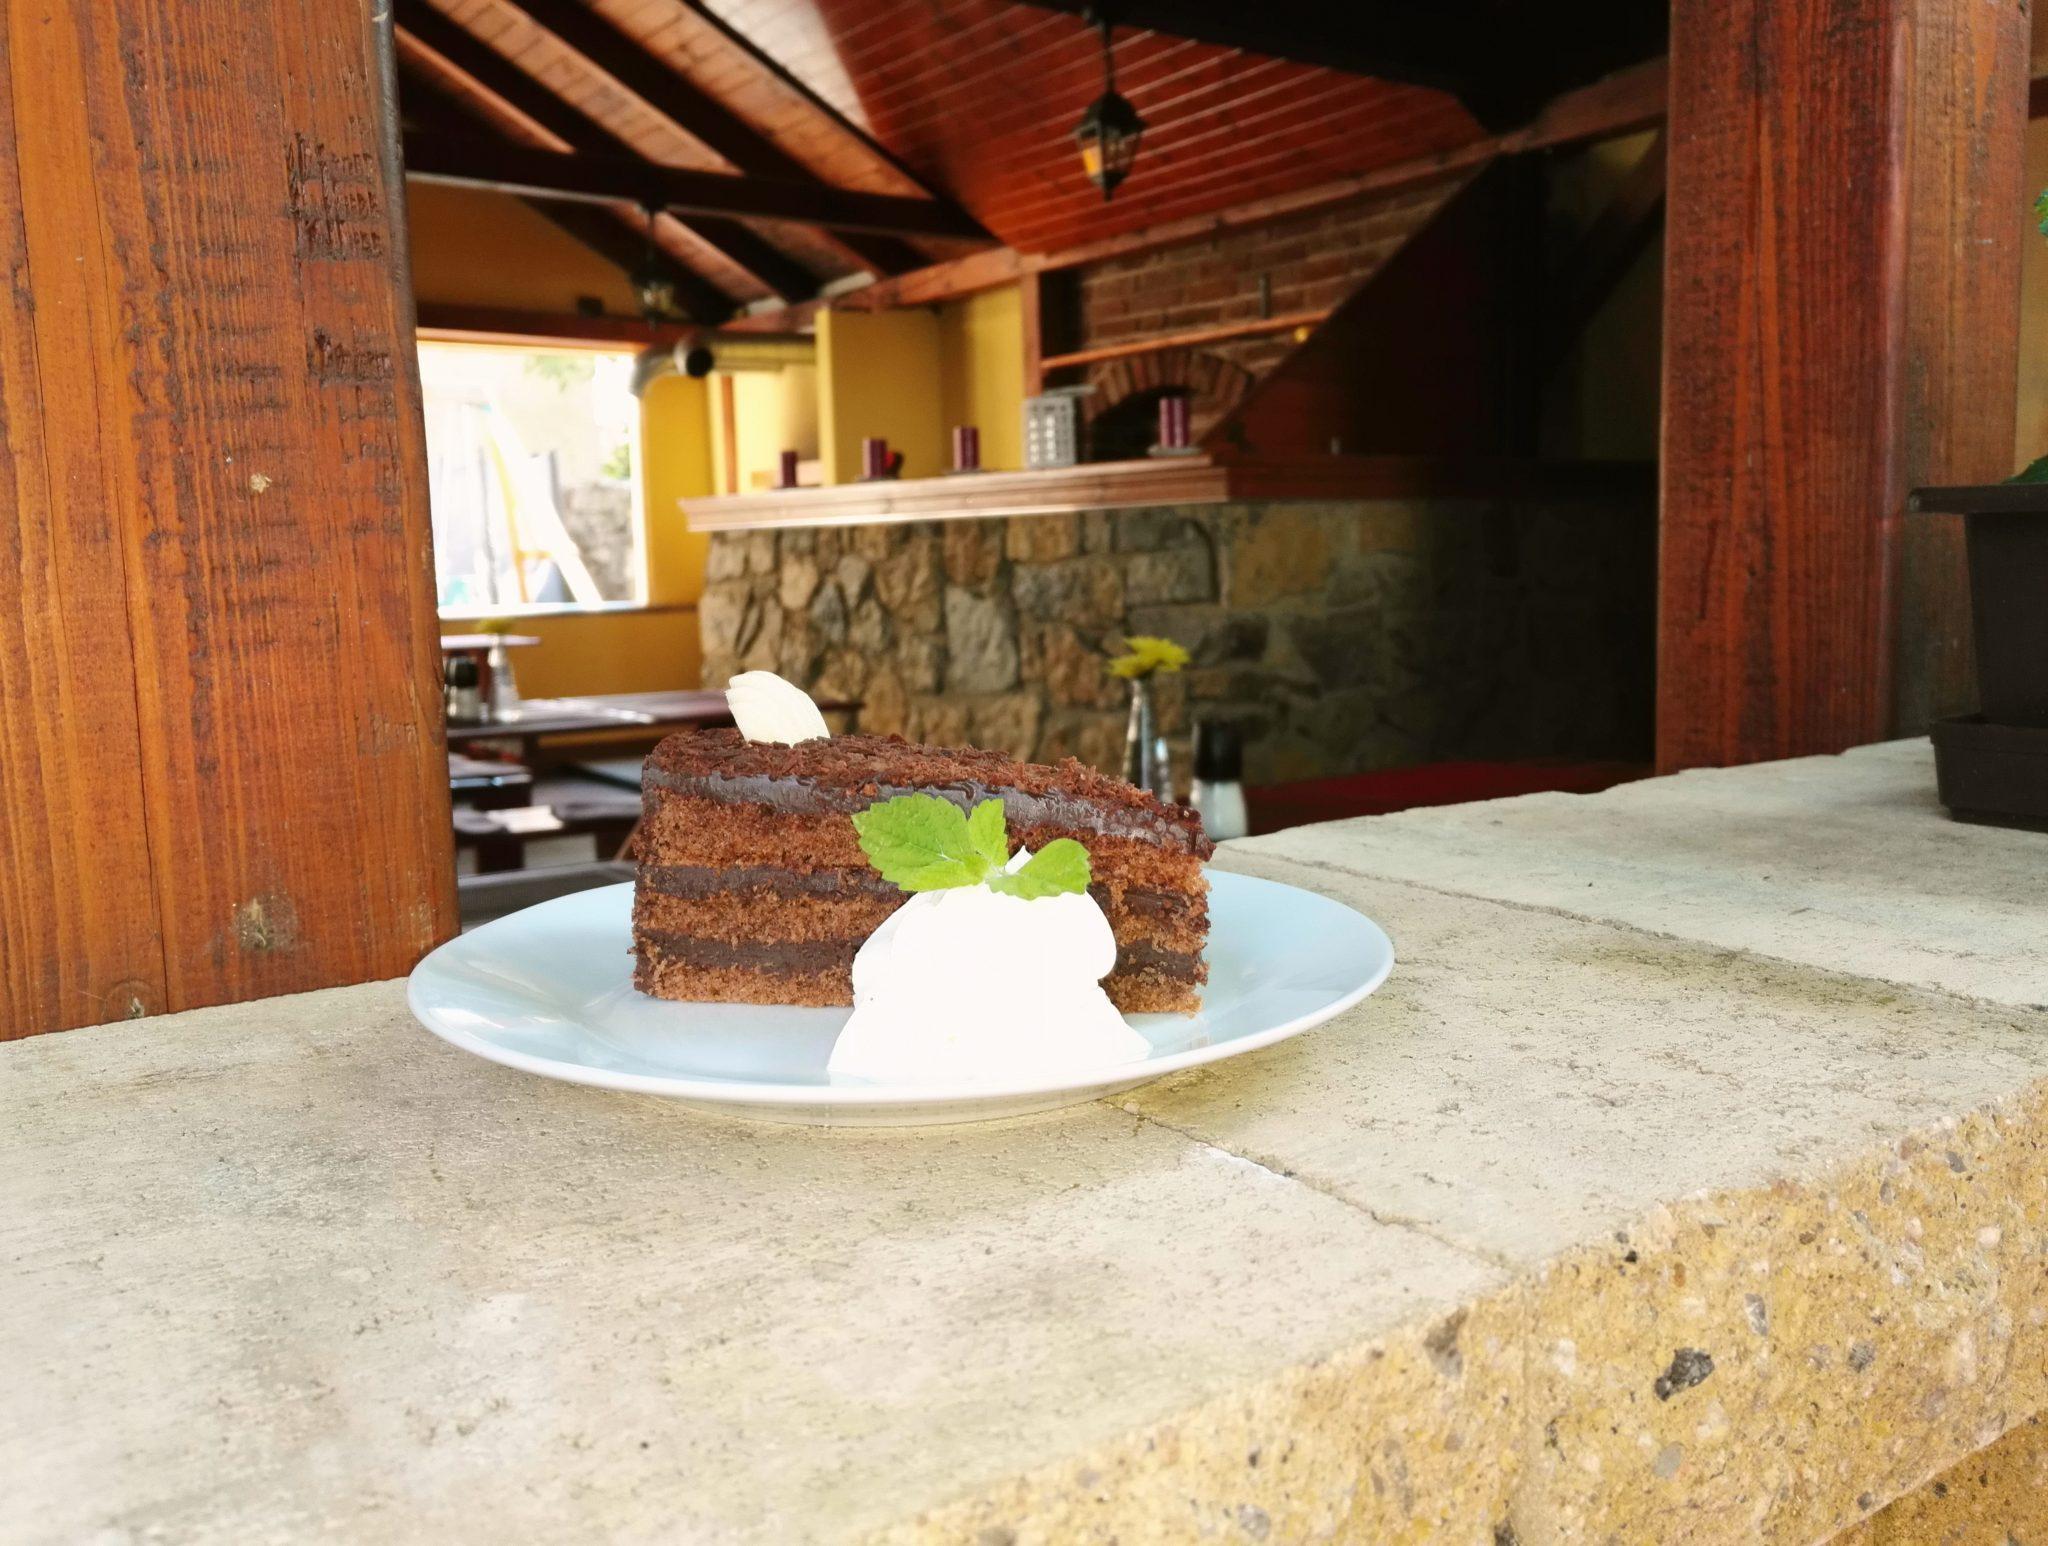 Čokoládový dort na terase venku